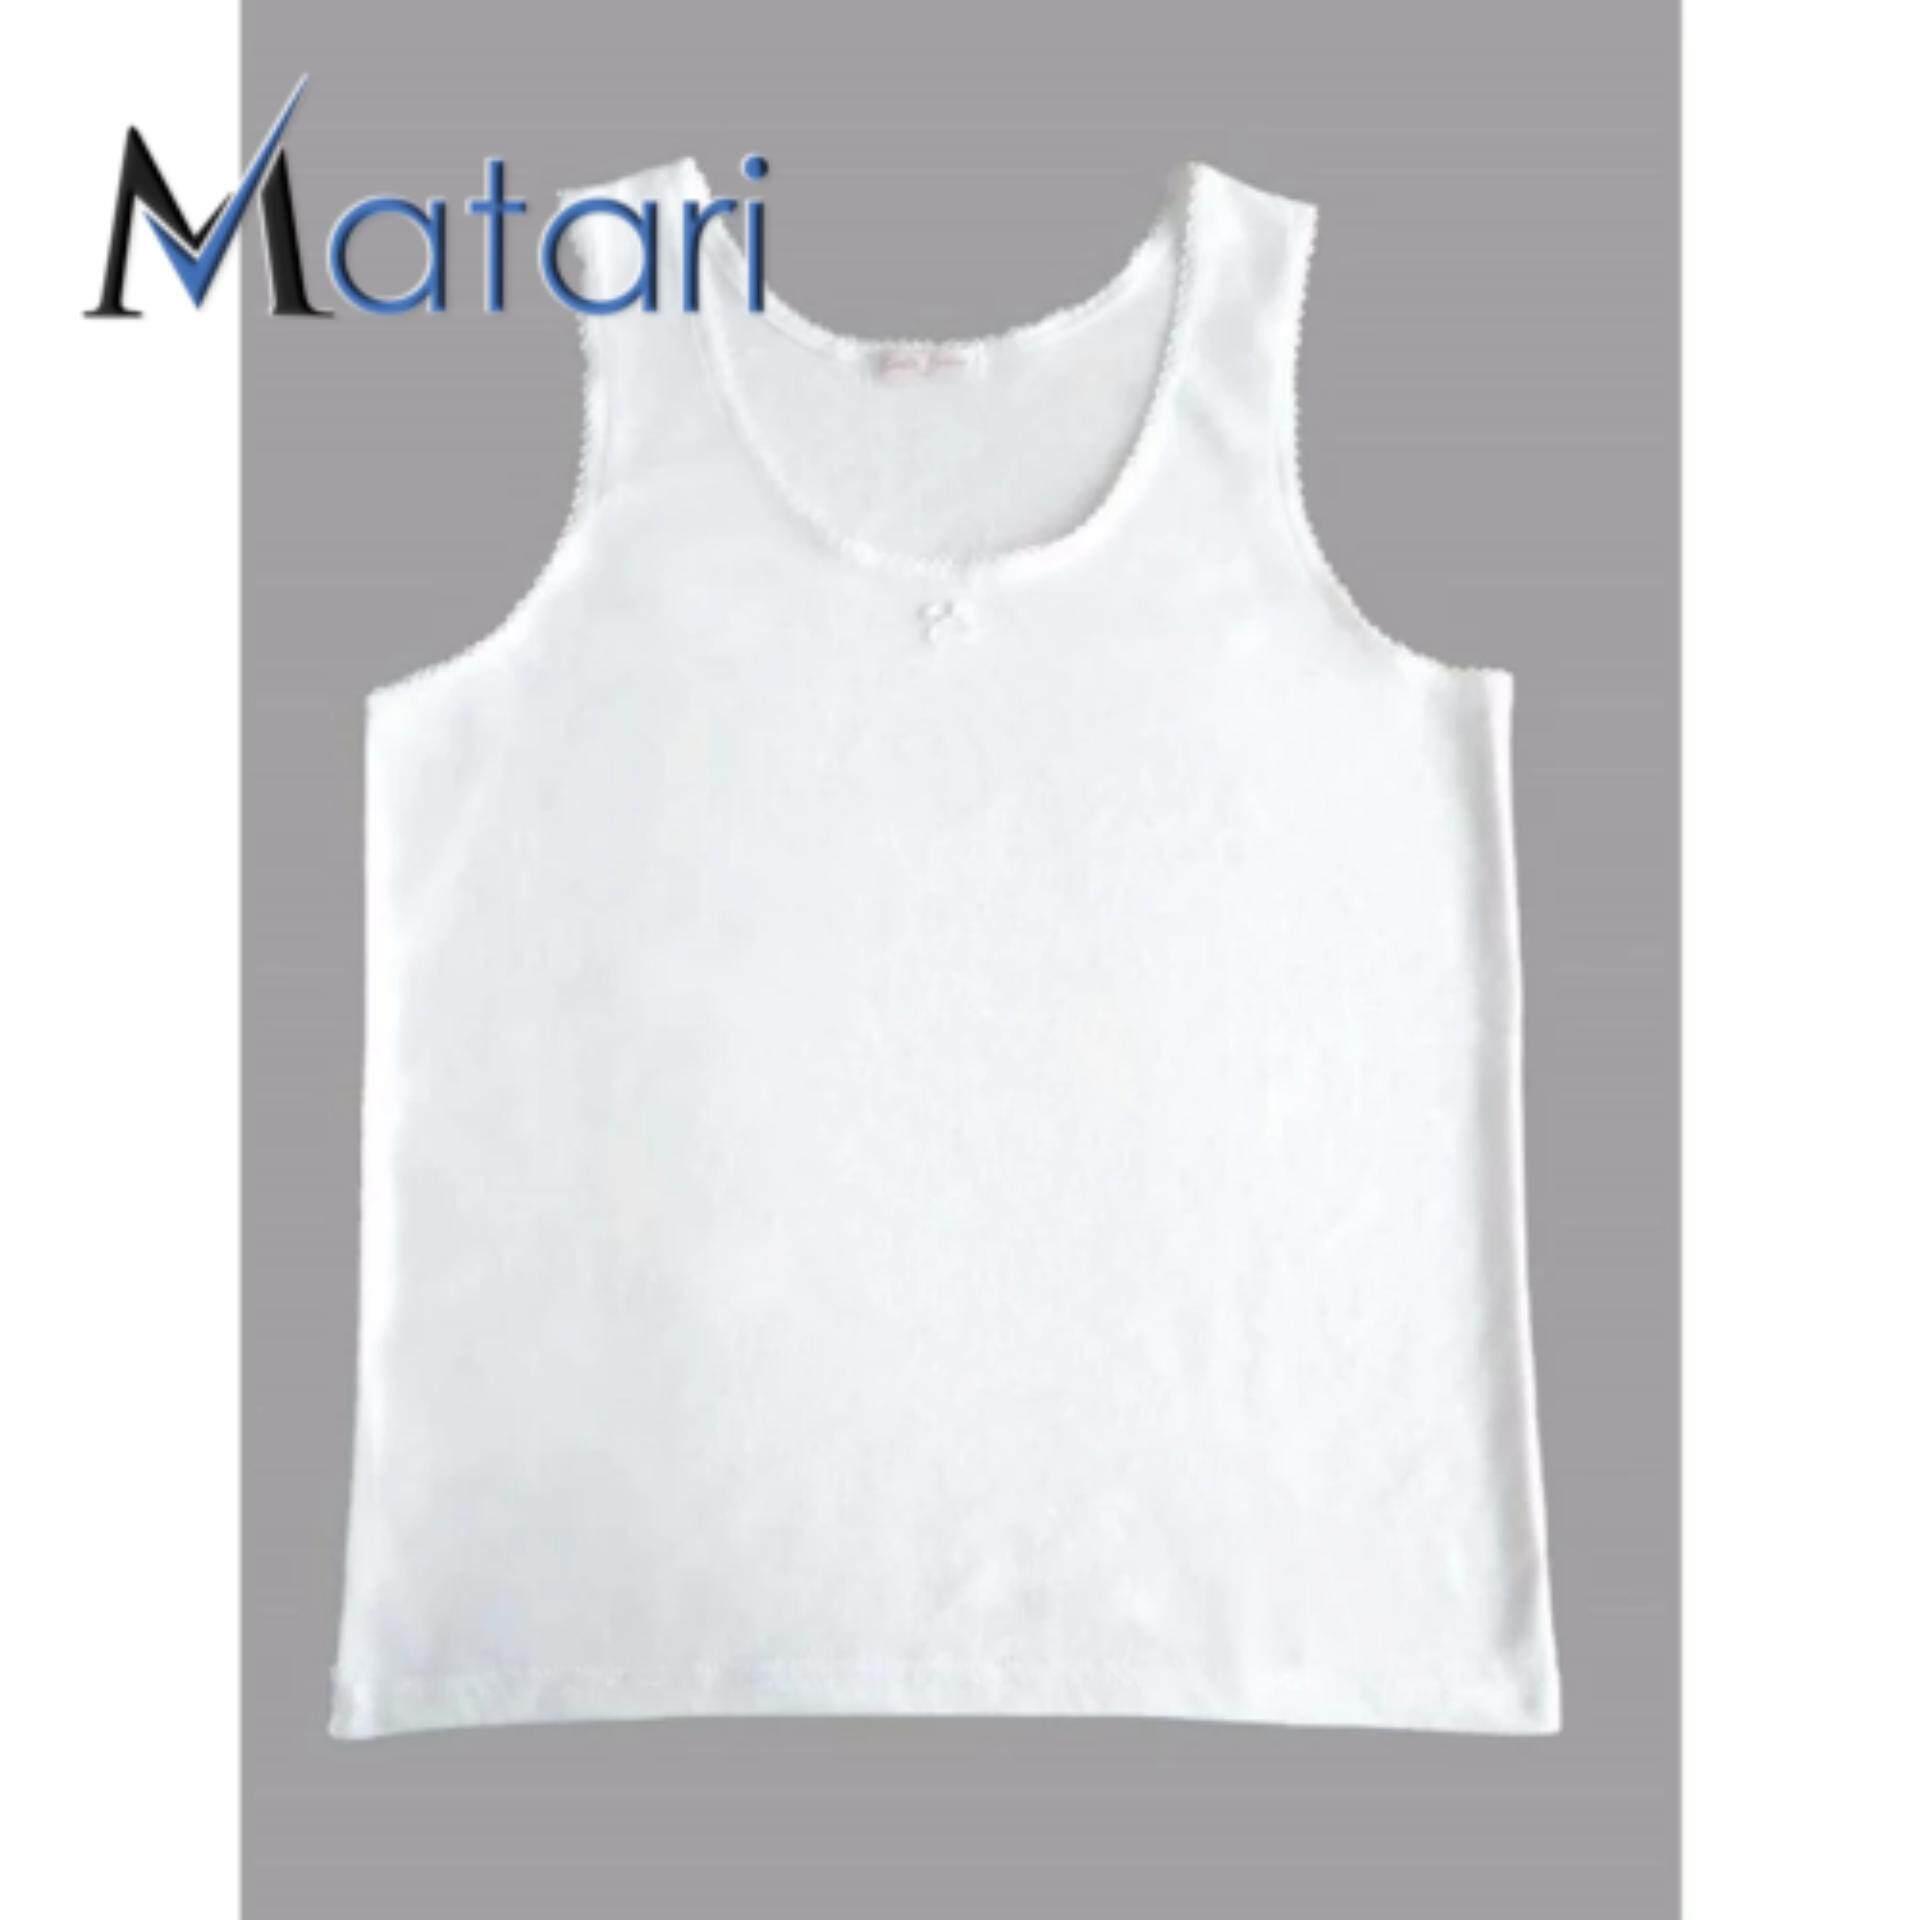 MATARI INNER SINGLETS  LADIES JUNIOR (WHITE)